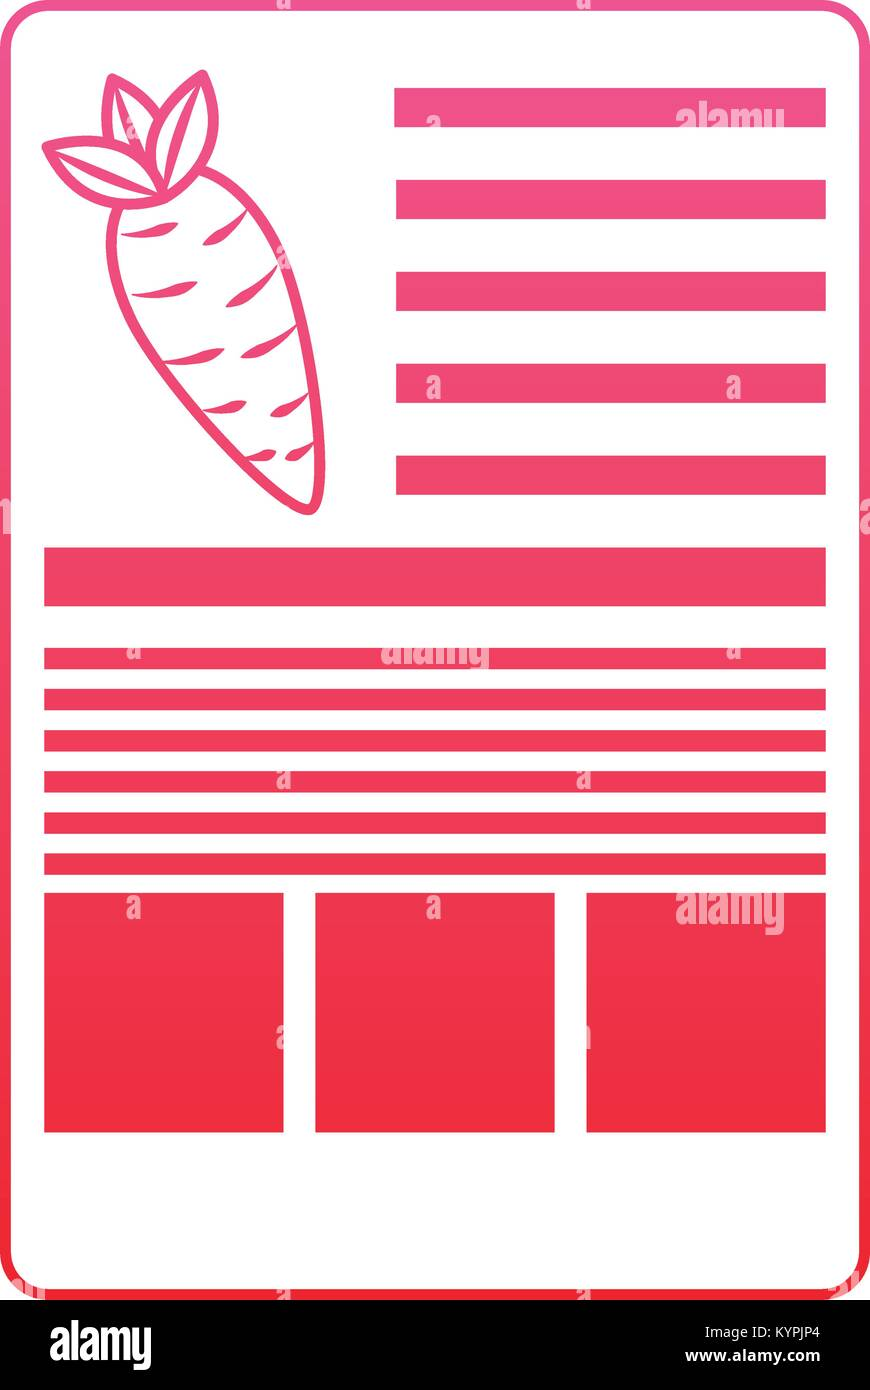 Plantilla De La Etiqueta De Informacion Nutricional De La Zanahoria Imagen Vector De Stock Alamy Información sobre la zanahoria, sus propiedades, sus beneficios, precauciones y la tabla nutricional de la zanahoria. https www alamy es foto plantilla de la etiqueta de informacion nutricional de la zanahoria 171986700 html